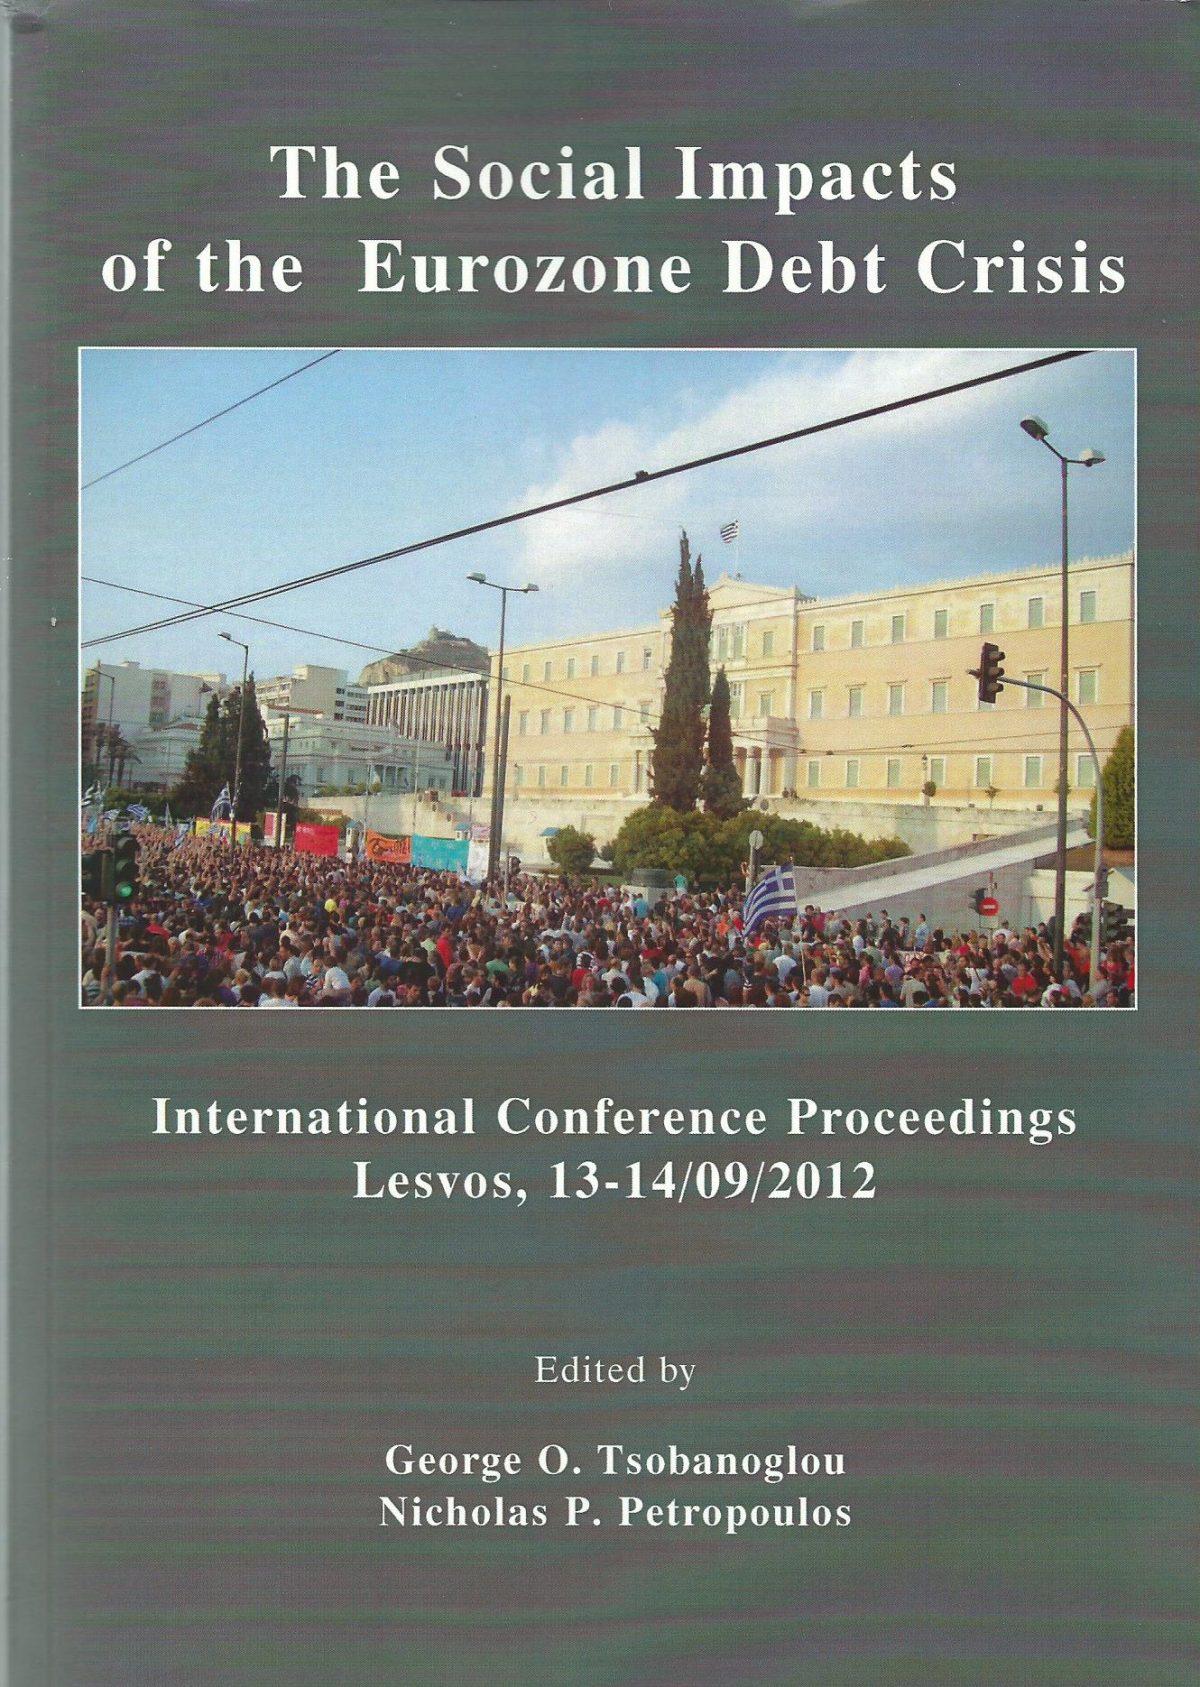 Impatti sociali della crisi nell'eurozona